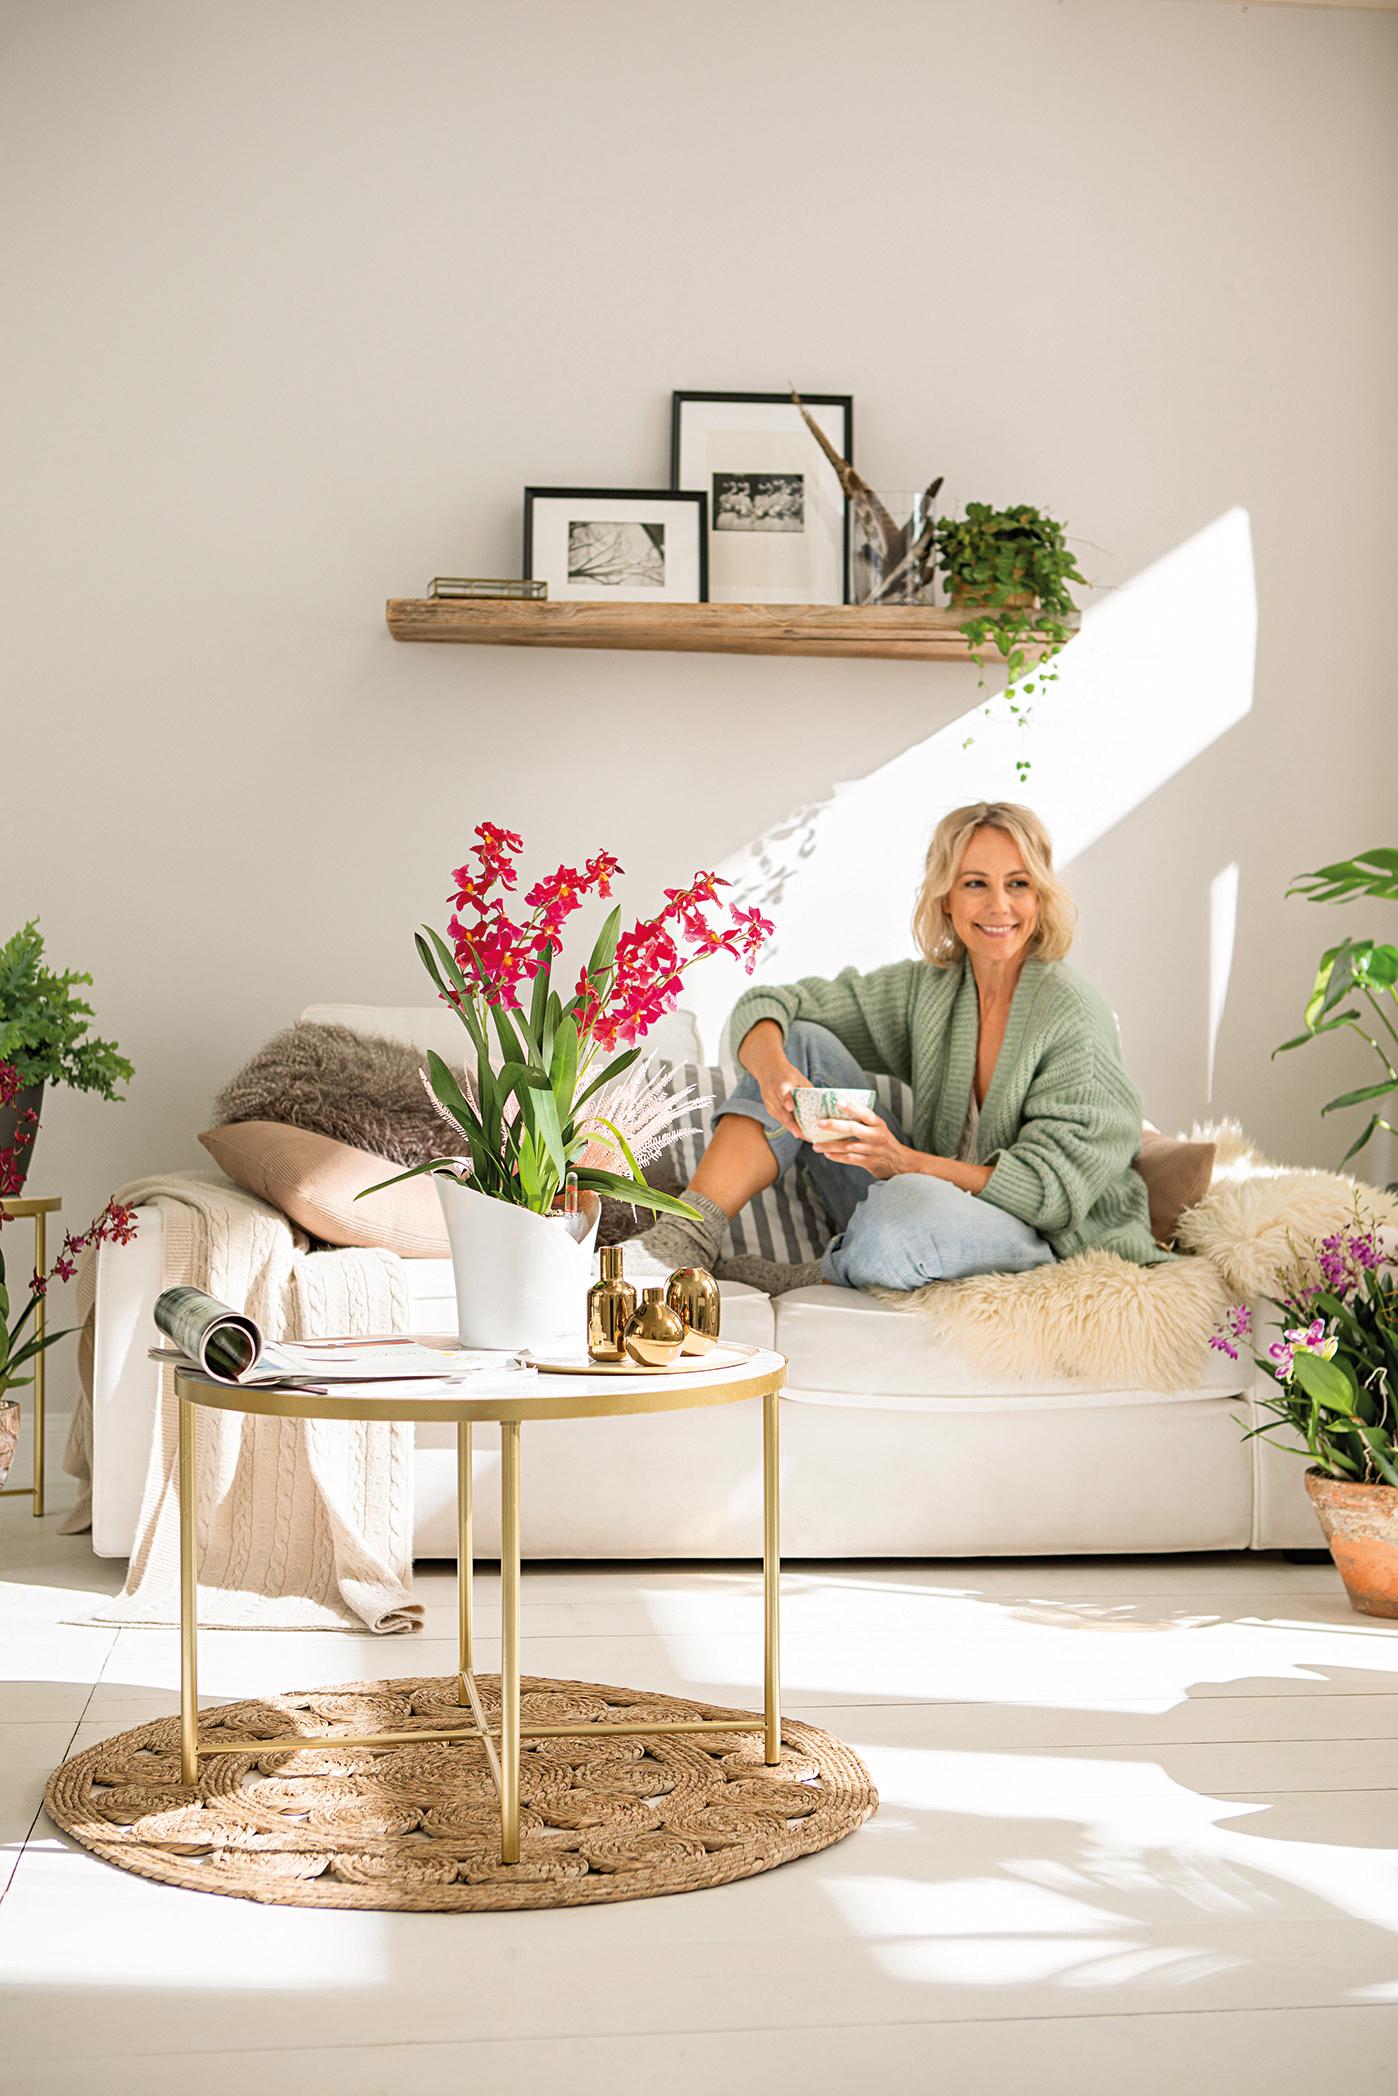 Kuschelplatz mit Orchidee